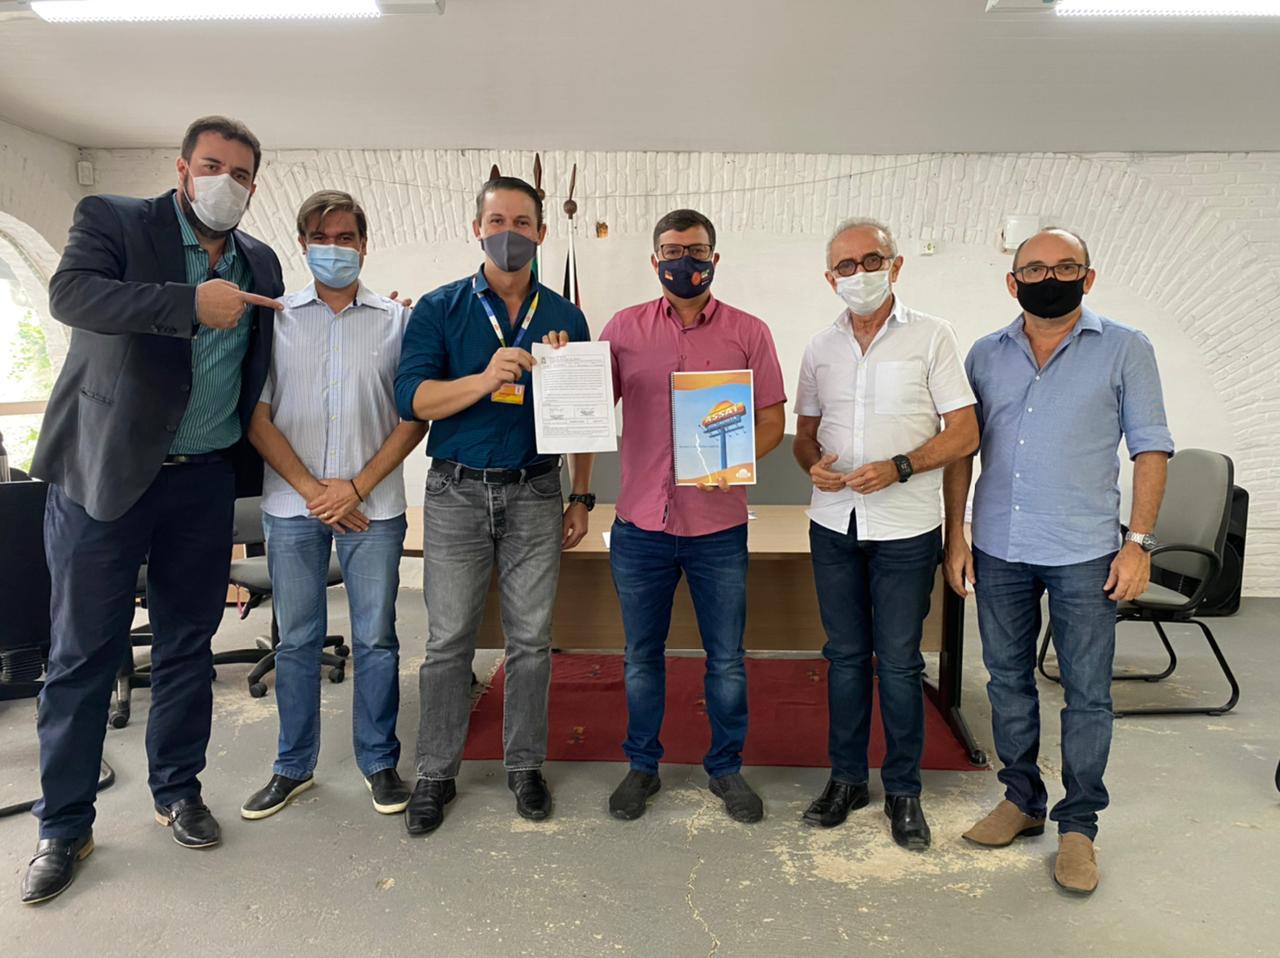 550 VAGAS DE EMPREGO: Prefeito Vitor Hugo anuncia nova loja do Assaí Atacadista em Cabedelo